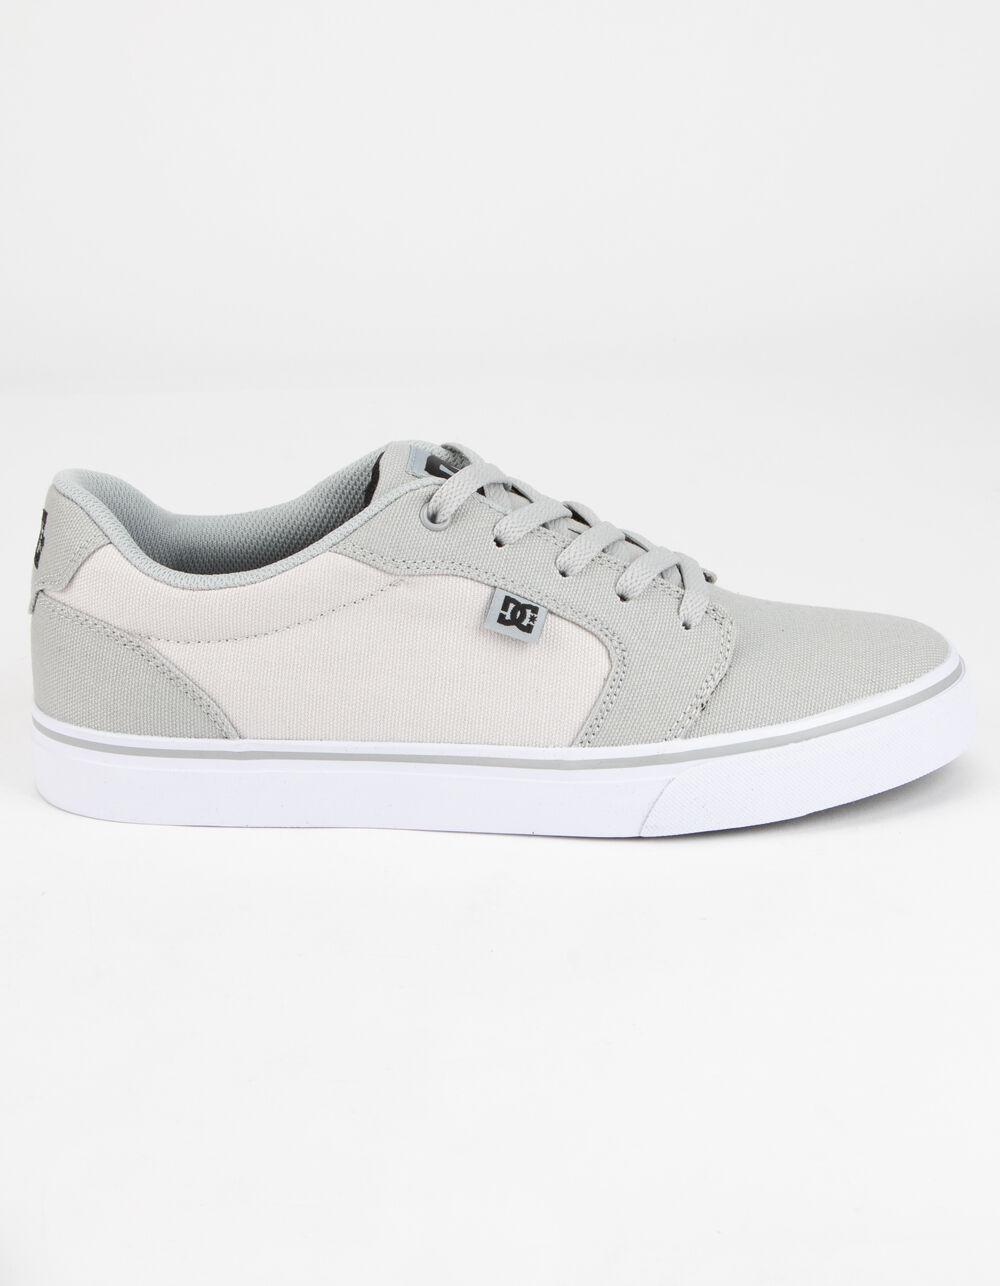 DC SHOES Anvil TX Gray Shoes